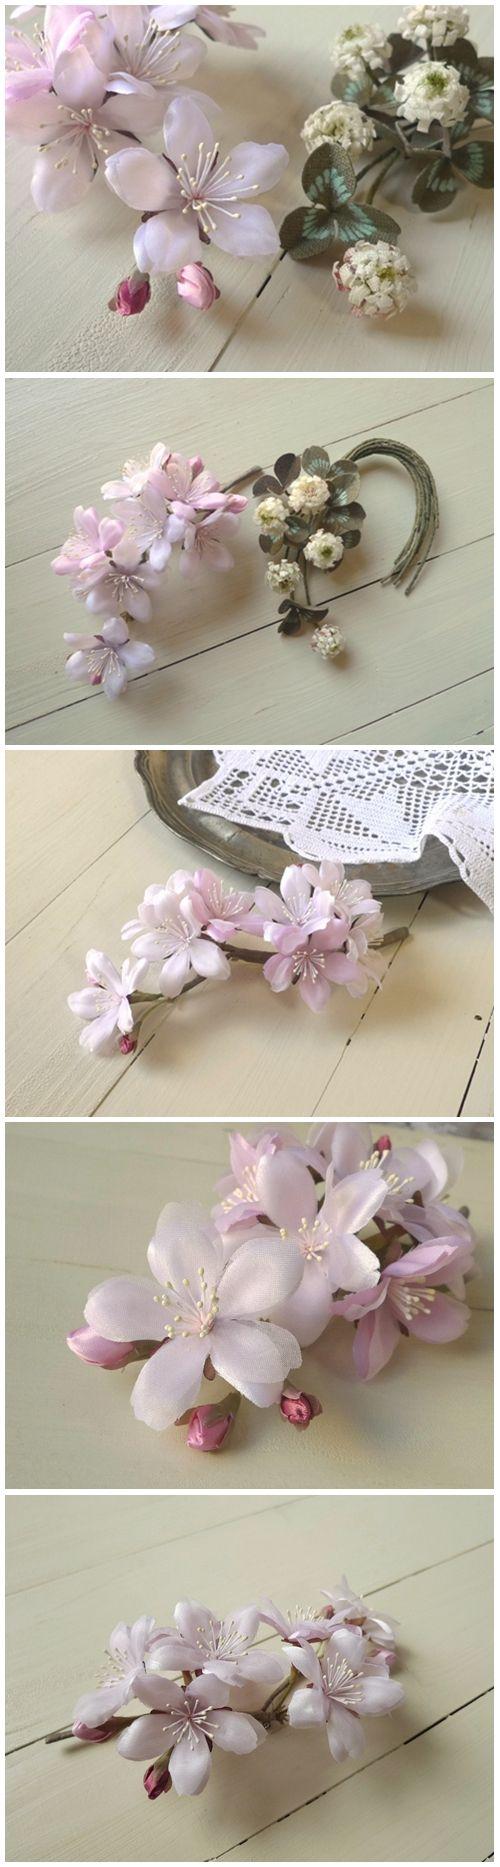 생지를 얇게 피할하여 염색후  모양을만들어 꽃을 만듬